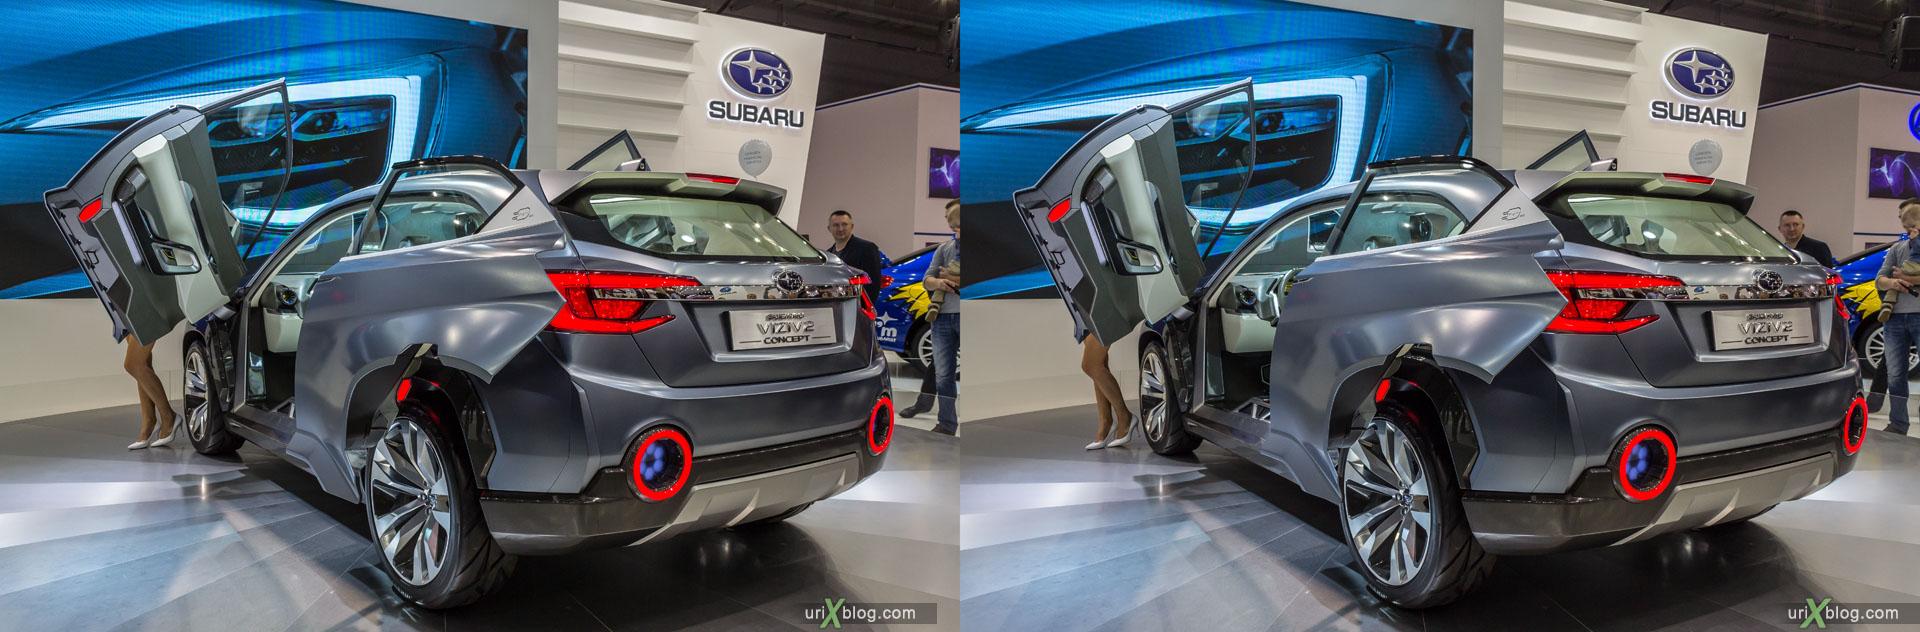 Subaru Viziv 2 Concept, ММАС 2014, Московский Международный Автомобильный Салон 2014, Крокус Экспо, машина, автомобиль, девушка, модель, женщина, выставка, Москва, Россия, 3D, перекрёстная стереопара, стерео, стереопара, 2014